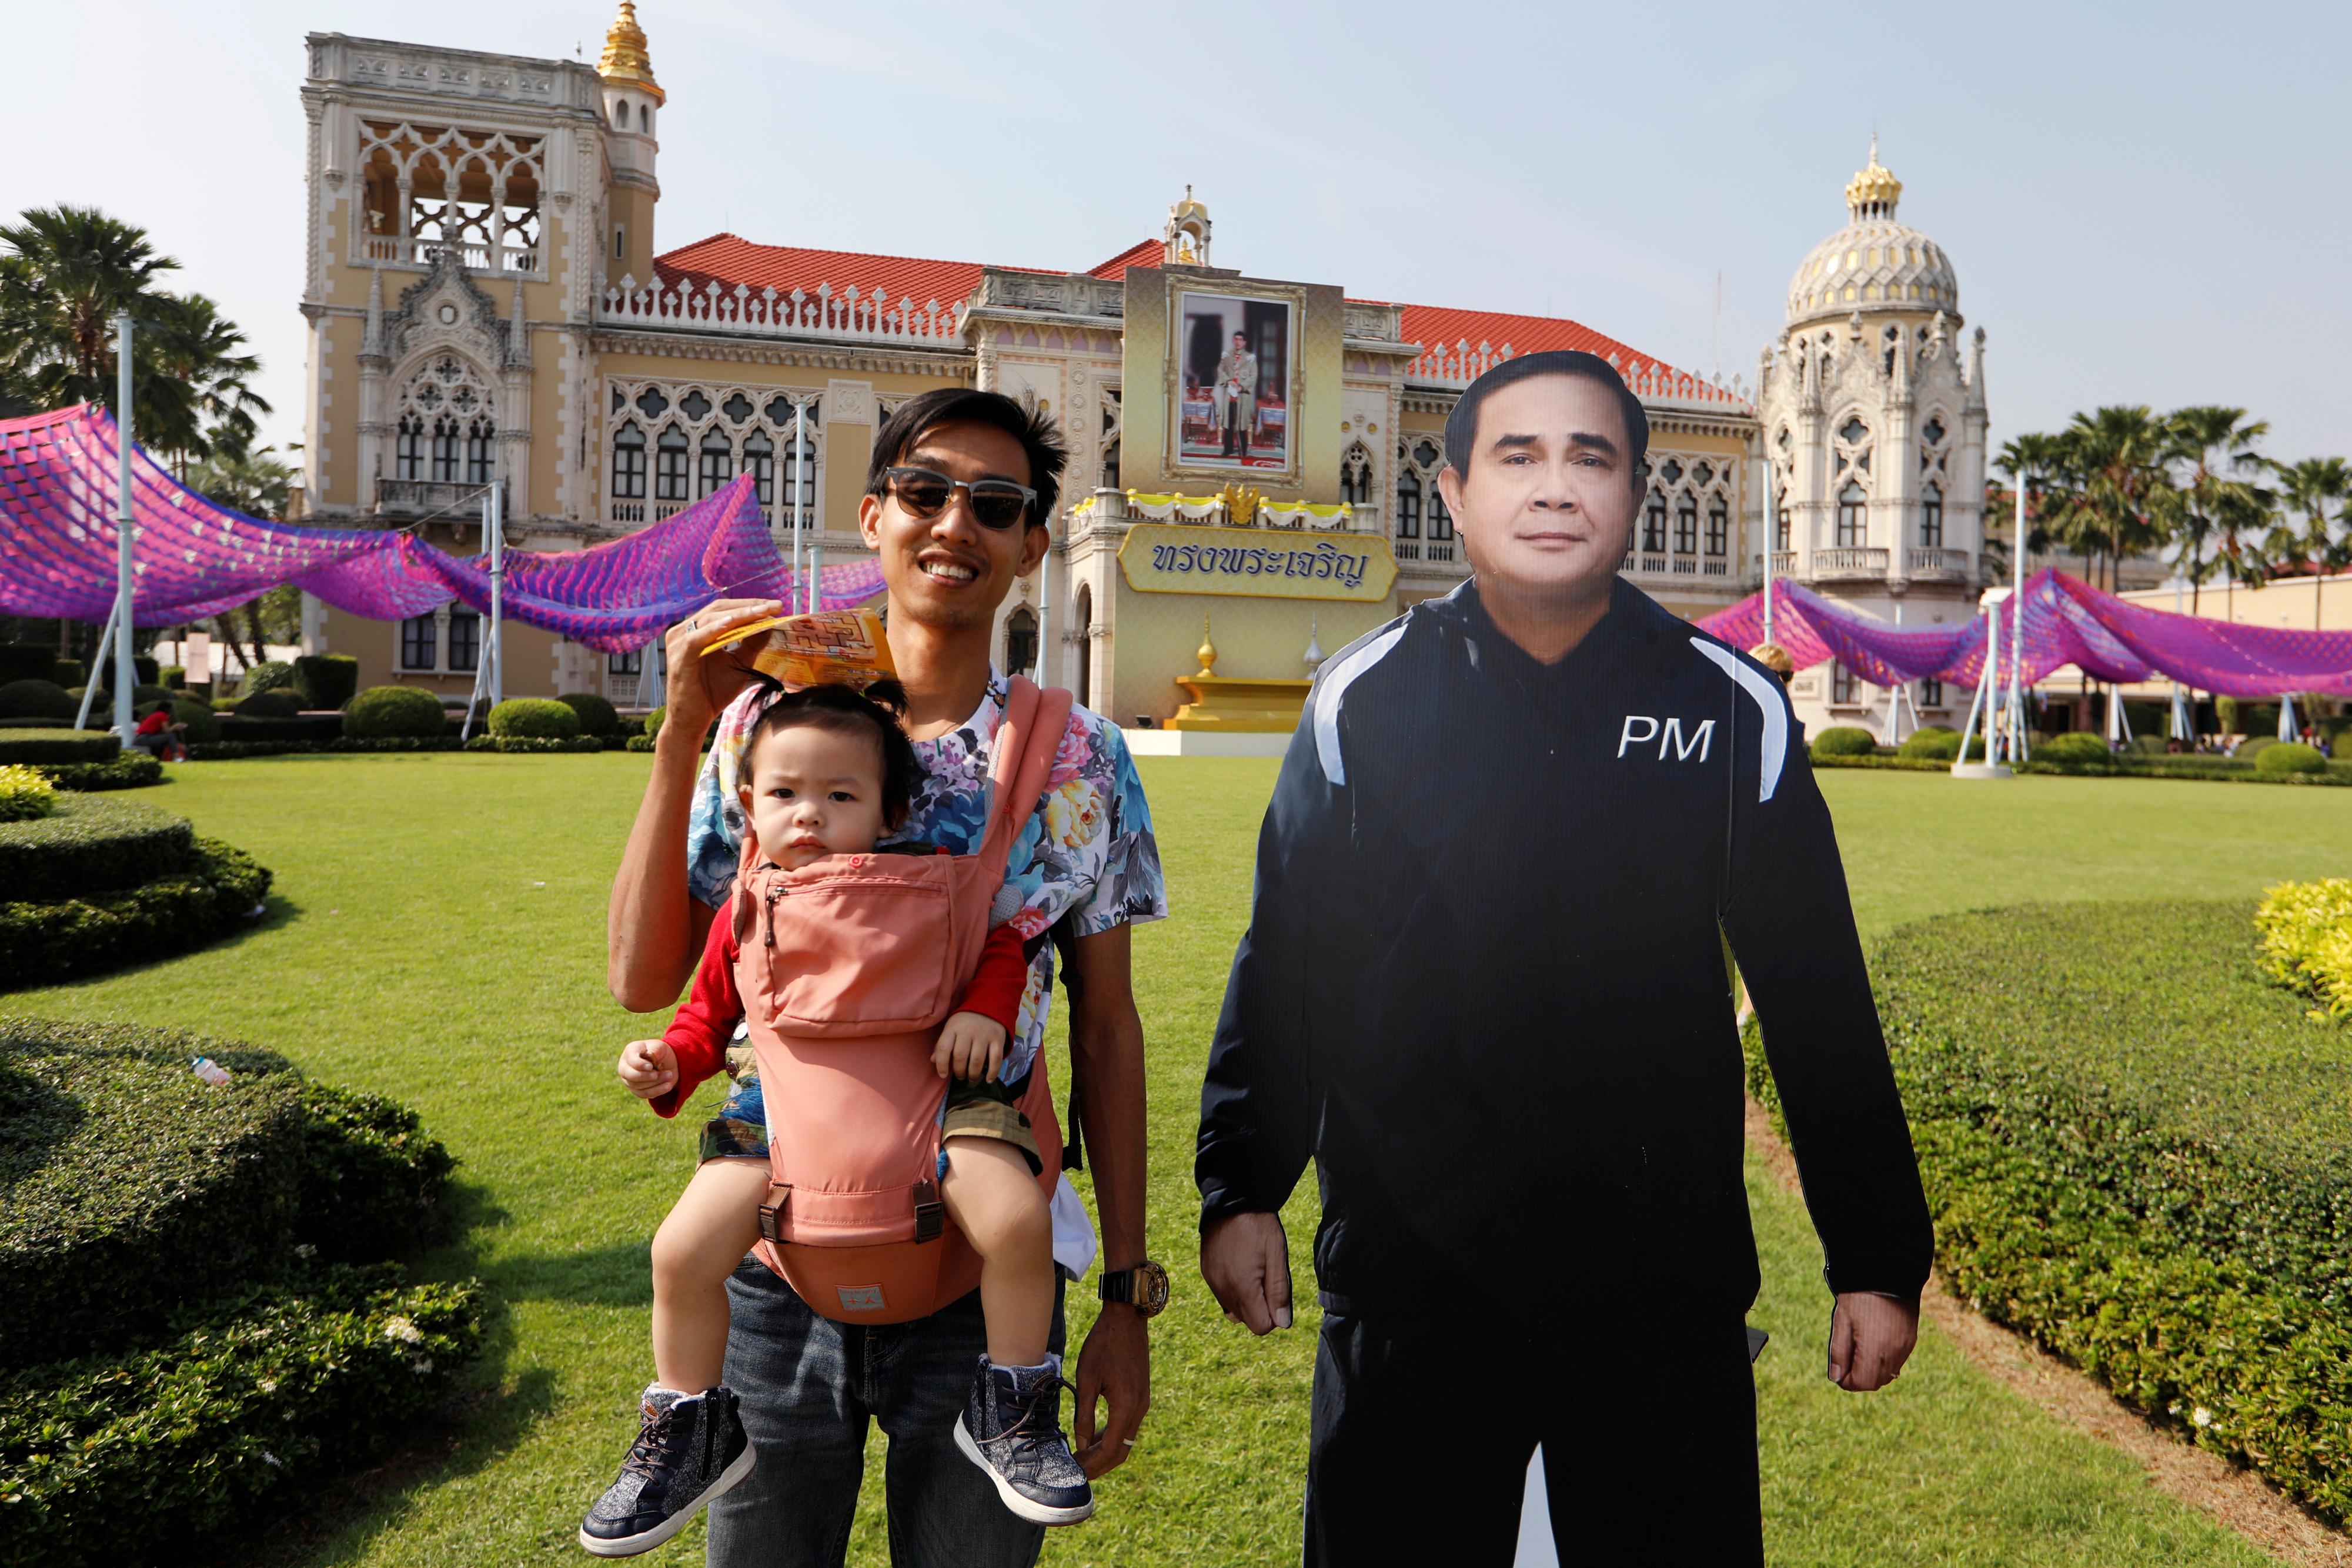 رجل يحمل طفله خلال الاحتفال بيوم الطفل فى تايلاند